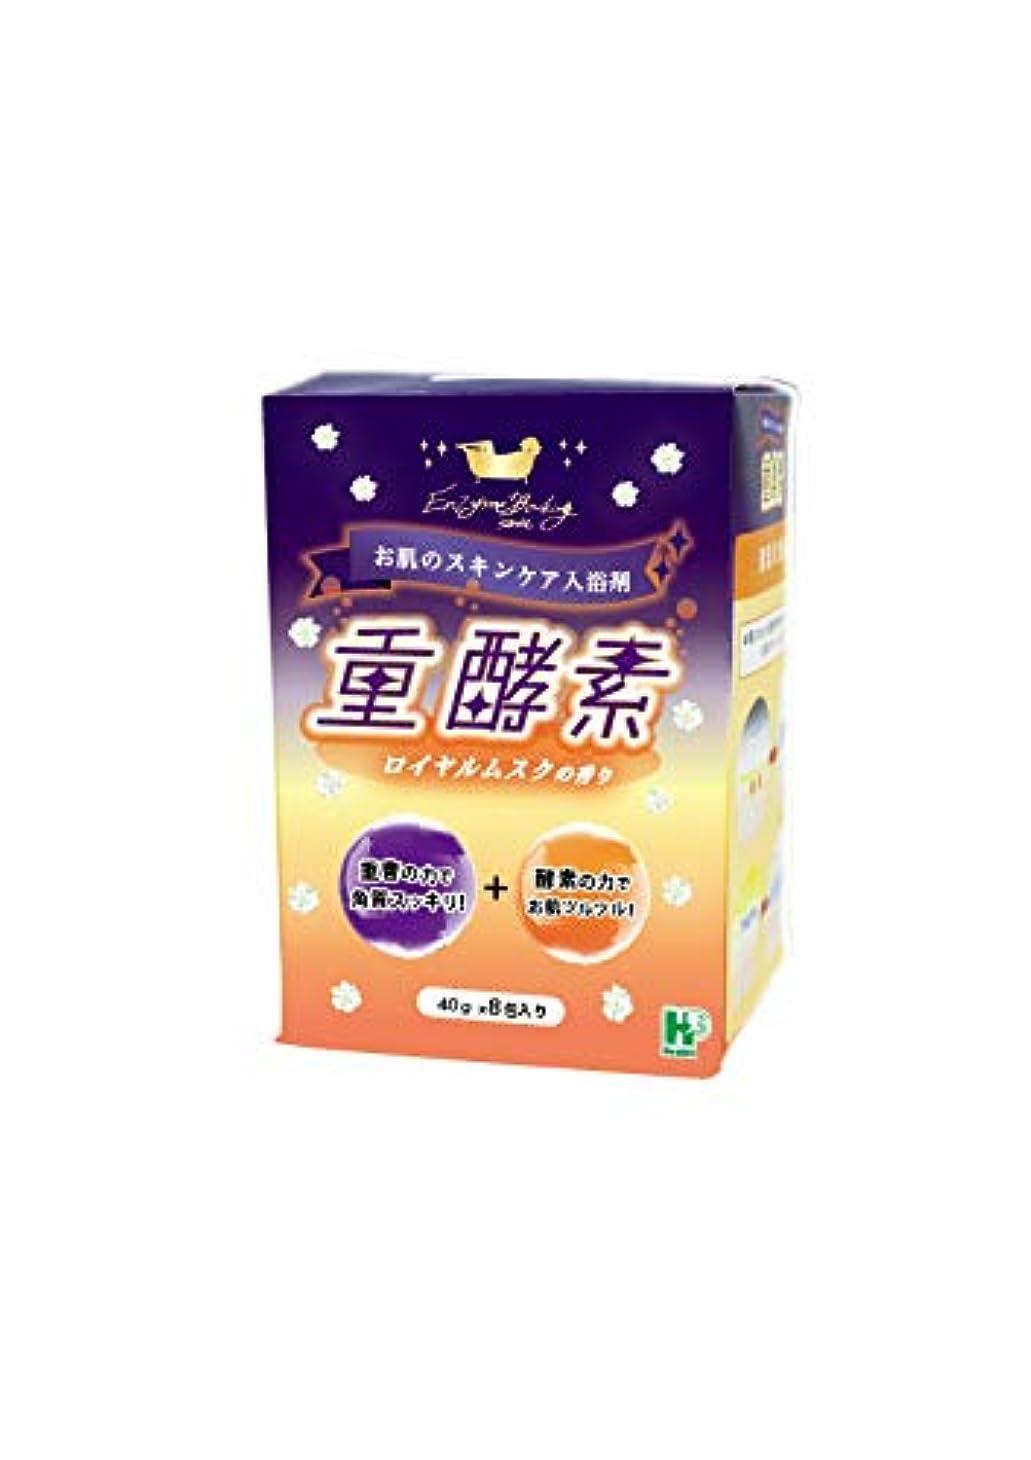 リマーク罪悪感過ちスキンケア入浴剤 重酵素40G×8包